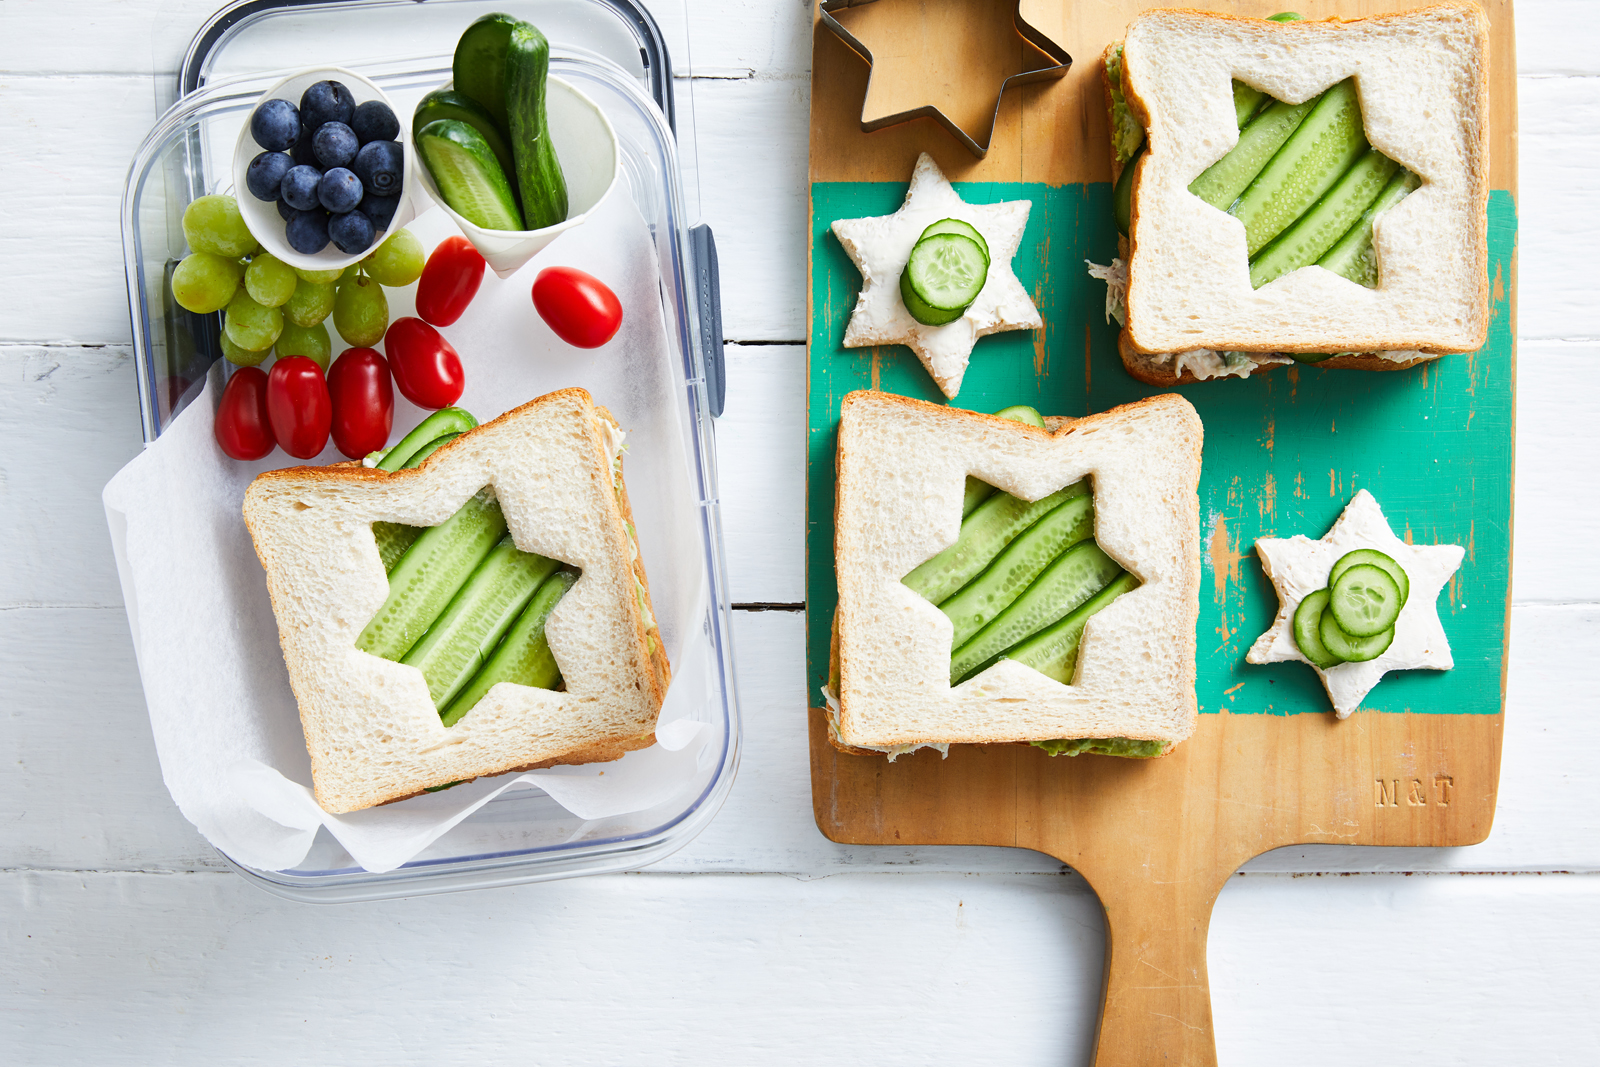 Recipe_LR_Qukes_Quke Star Sandwiches_02_Janelle Bloom_2019